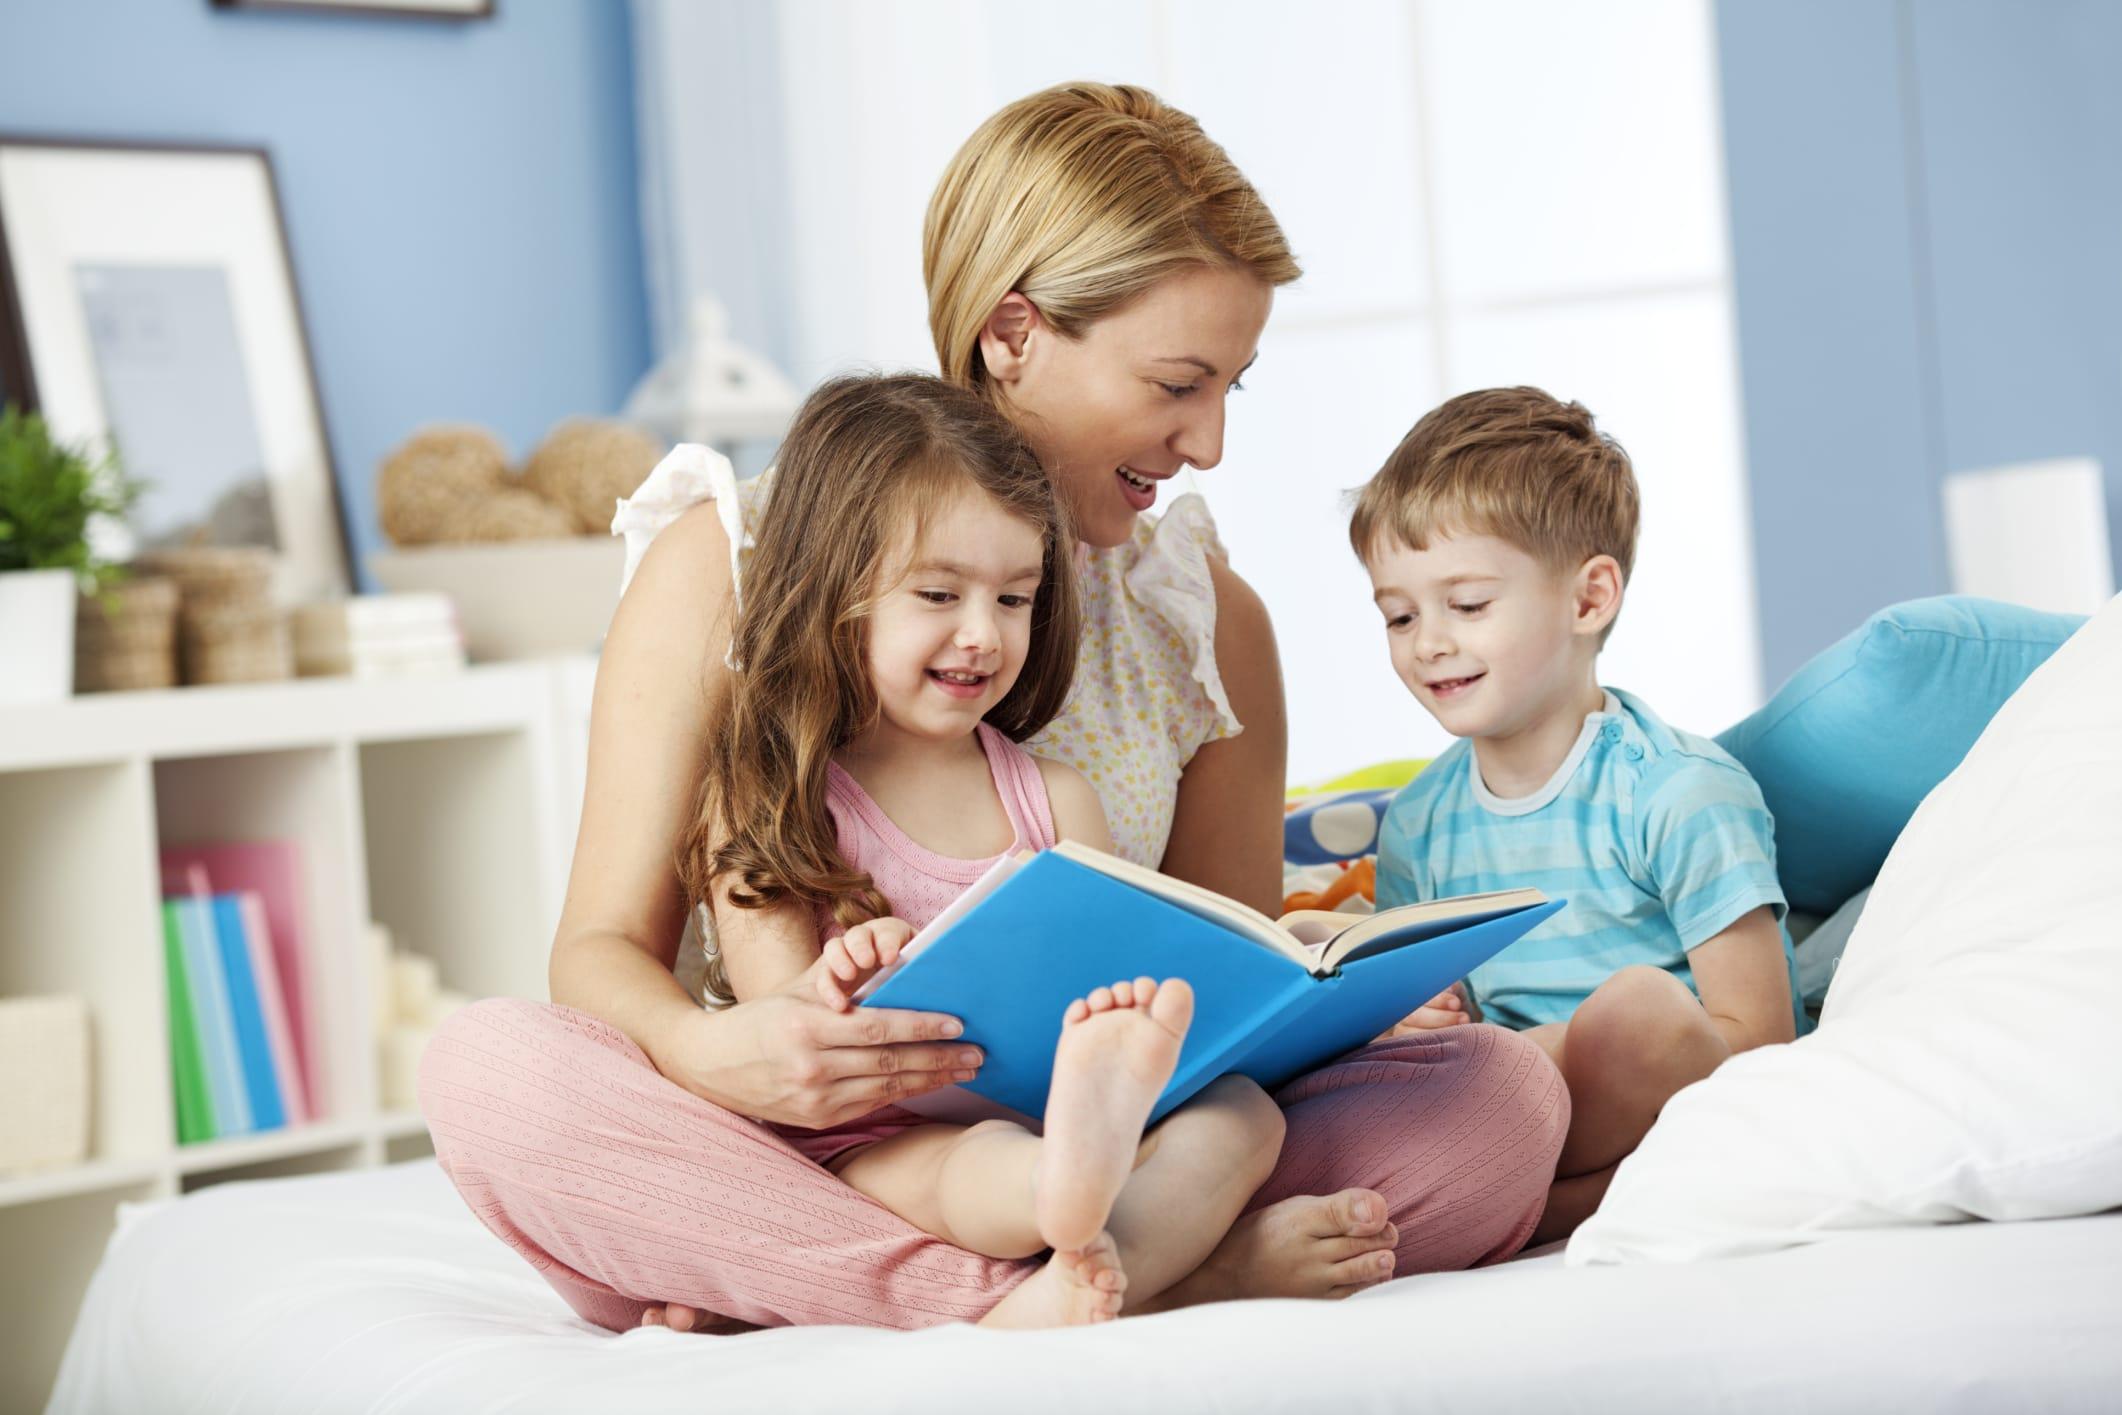 Come leggere le favole ai bambini: ritmo, chiarezza con le parole. E senza forzature